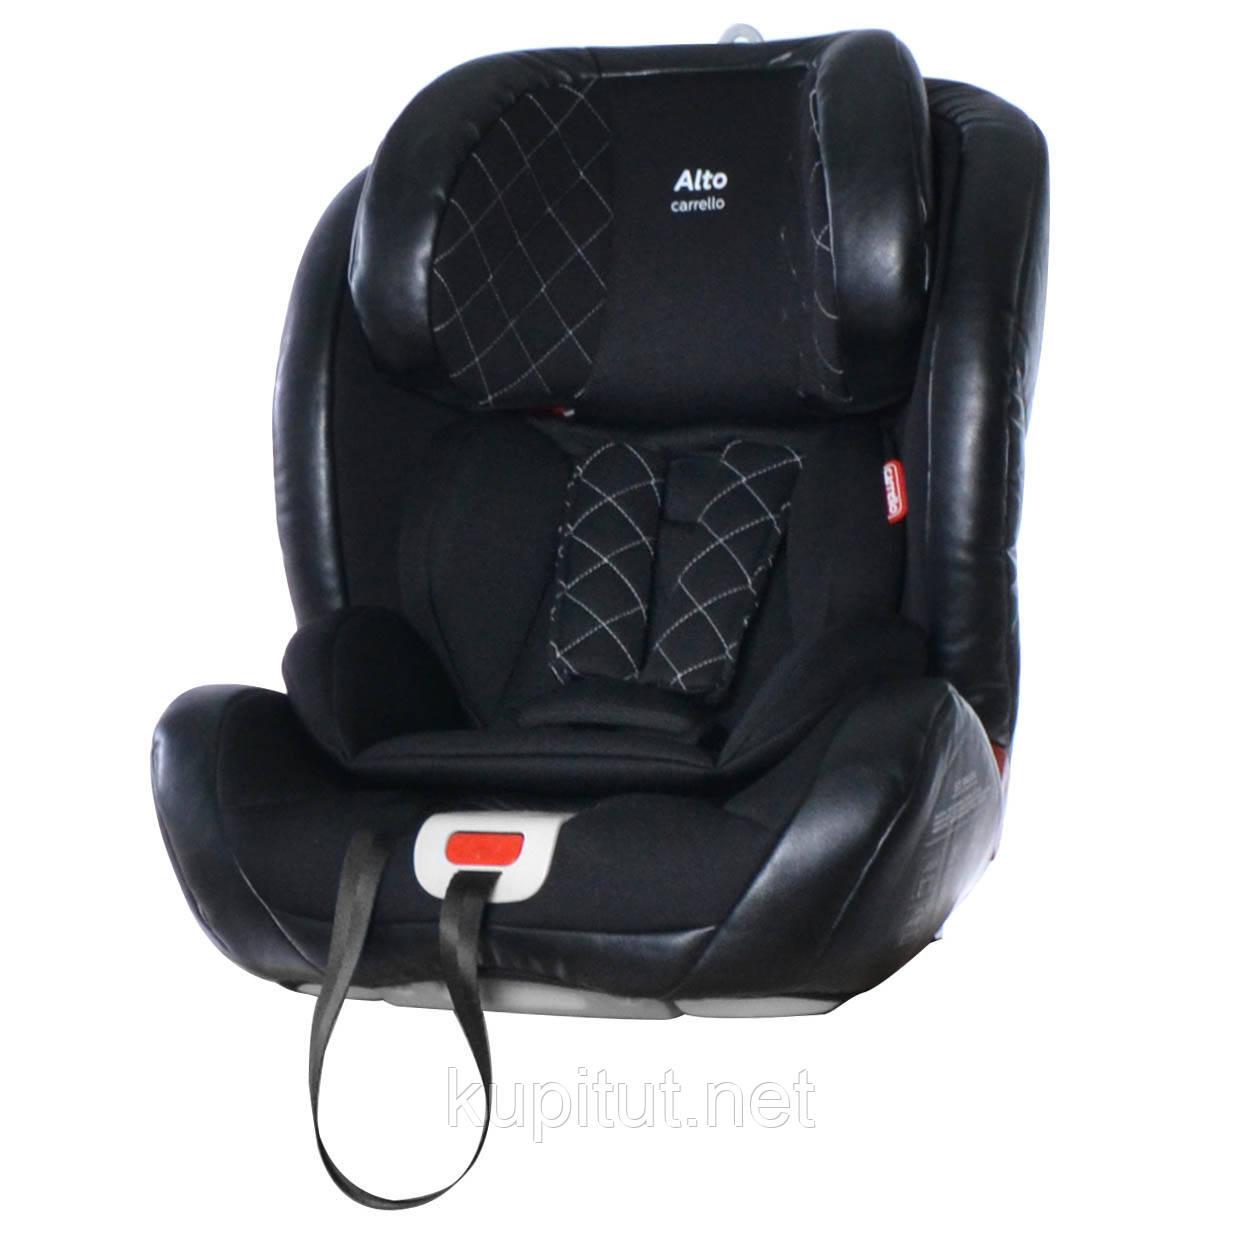 Автокресло CARRELLO Alto CRL-11805 ISOFIX Black Panter черный группа 1-2-3 /1/